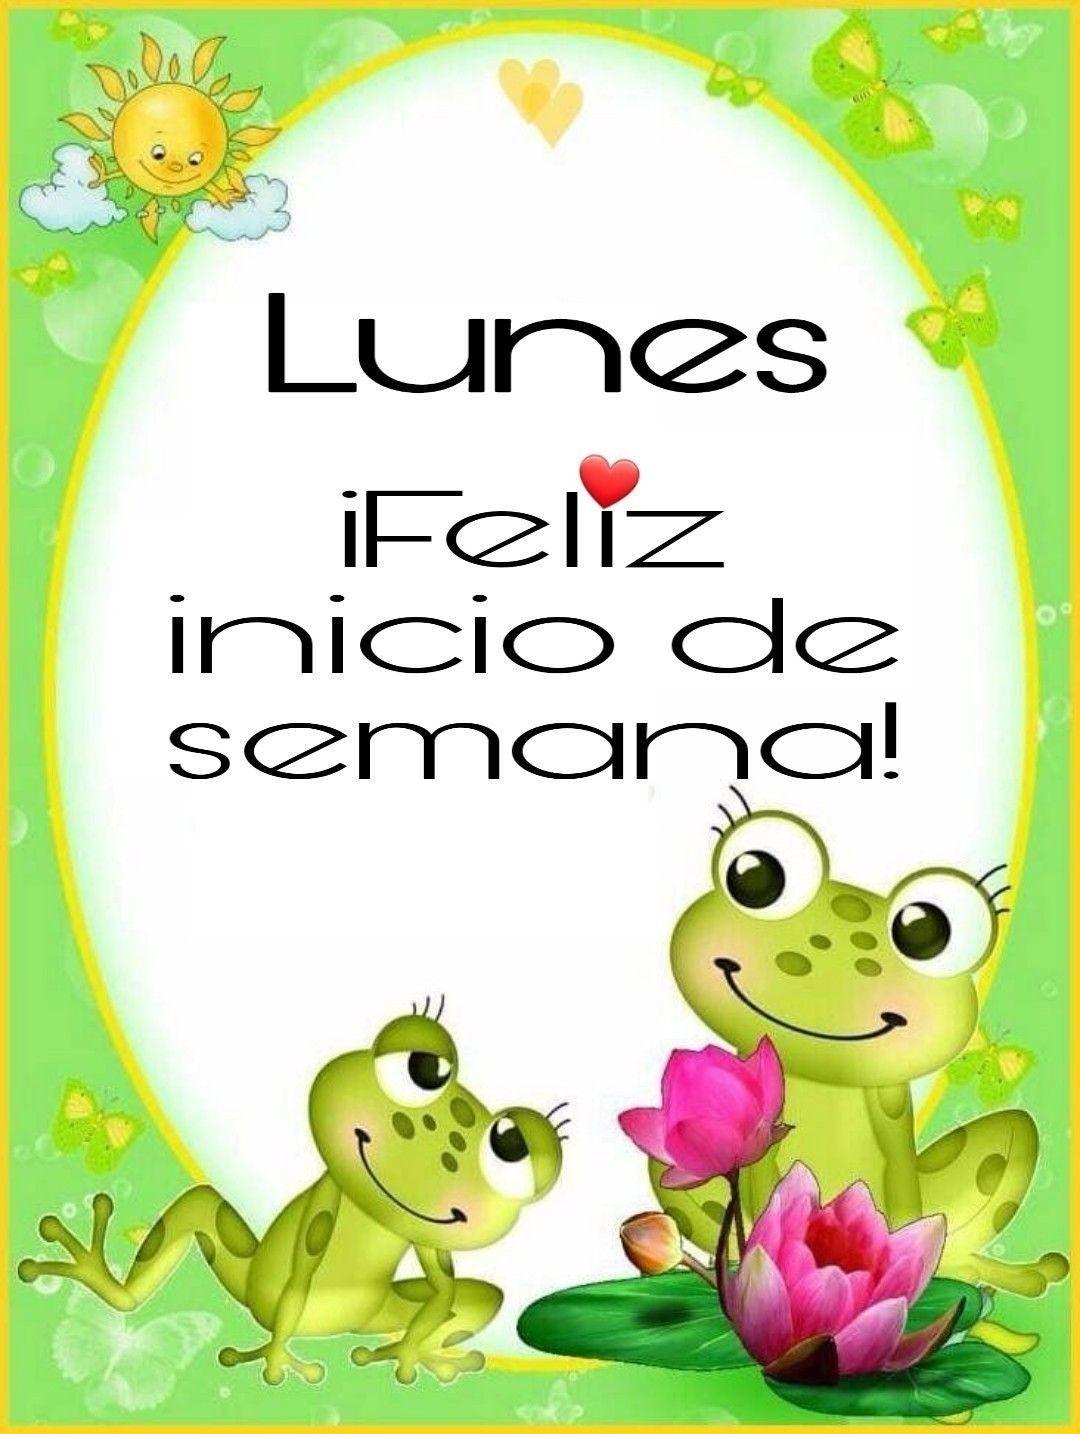 Bonito Lunes Mi Amor ♡lunes. ¡feliz inicio de semana!♡ | saludos de buenos dias